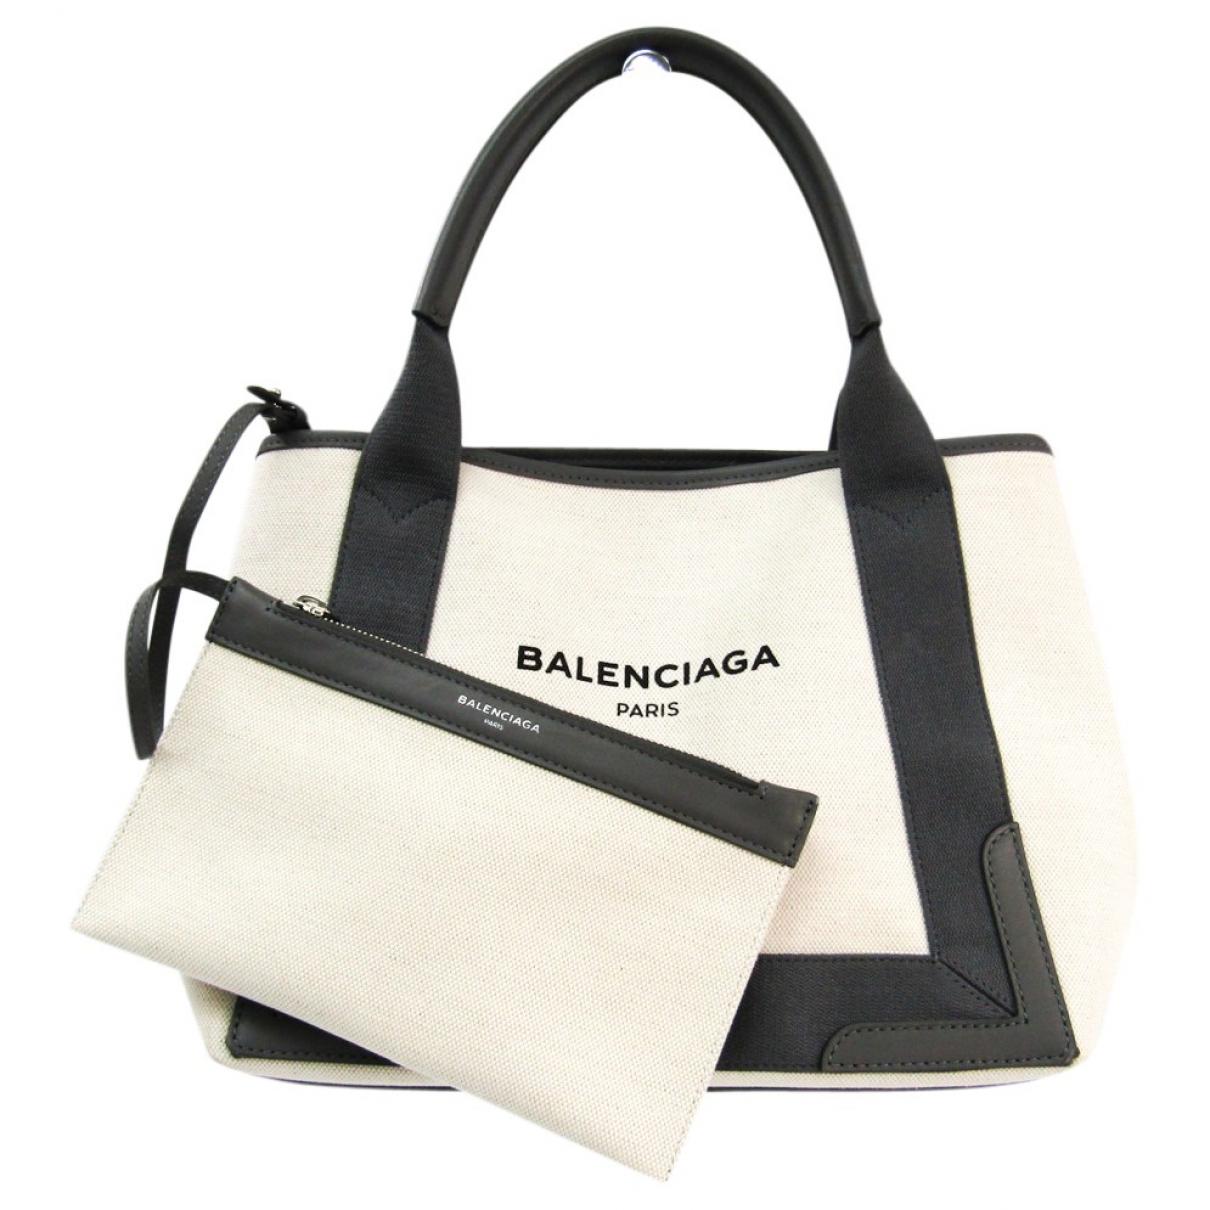 Balenciaga - Sac a main Navy cabas pour femme en toile - beige